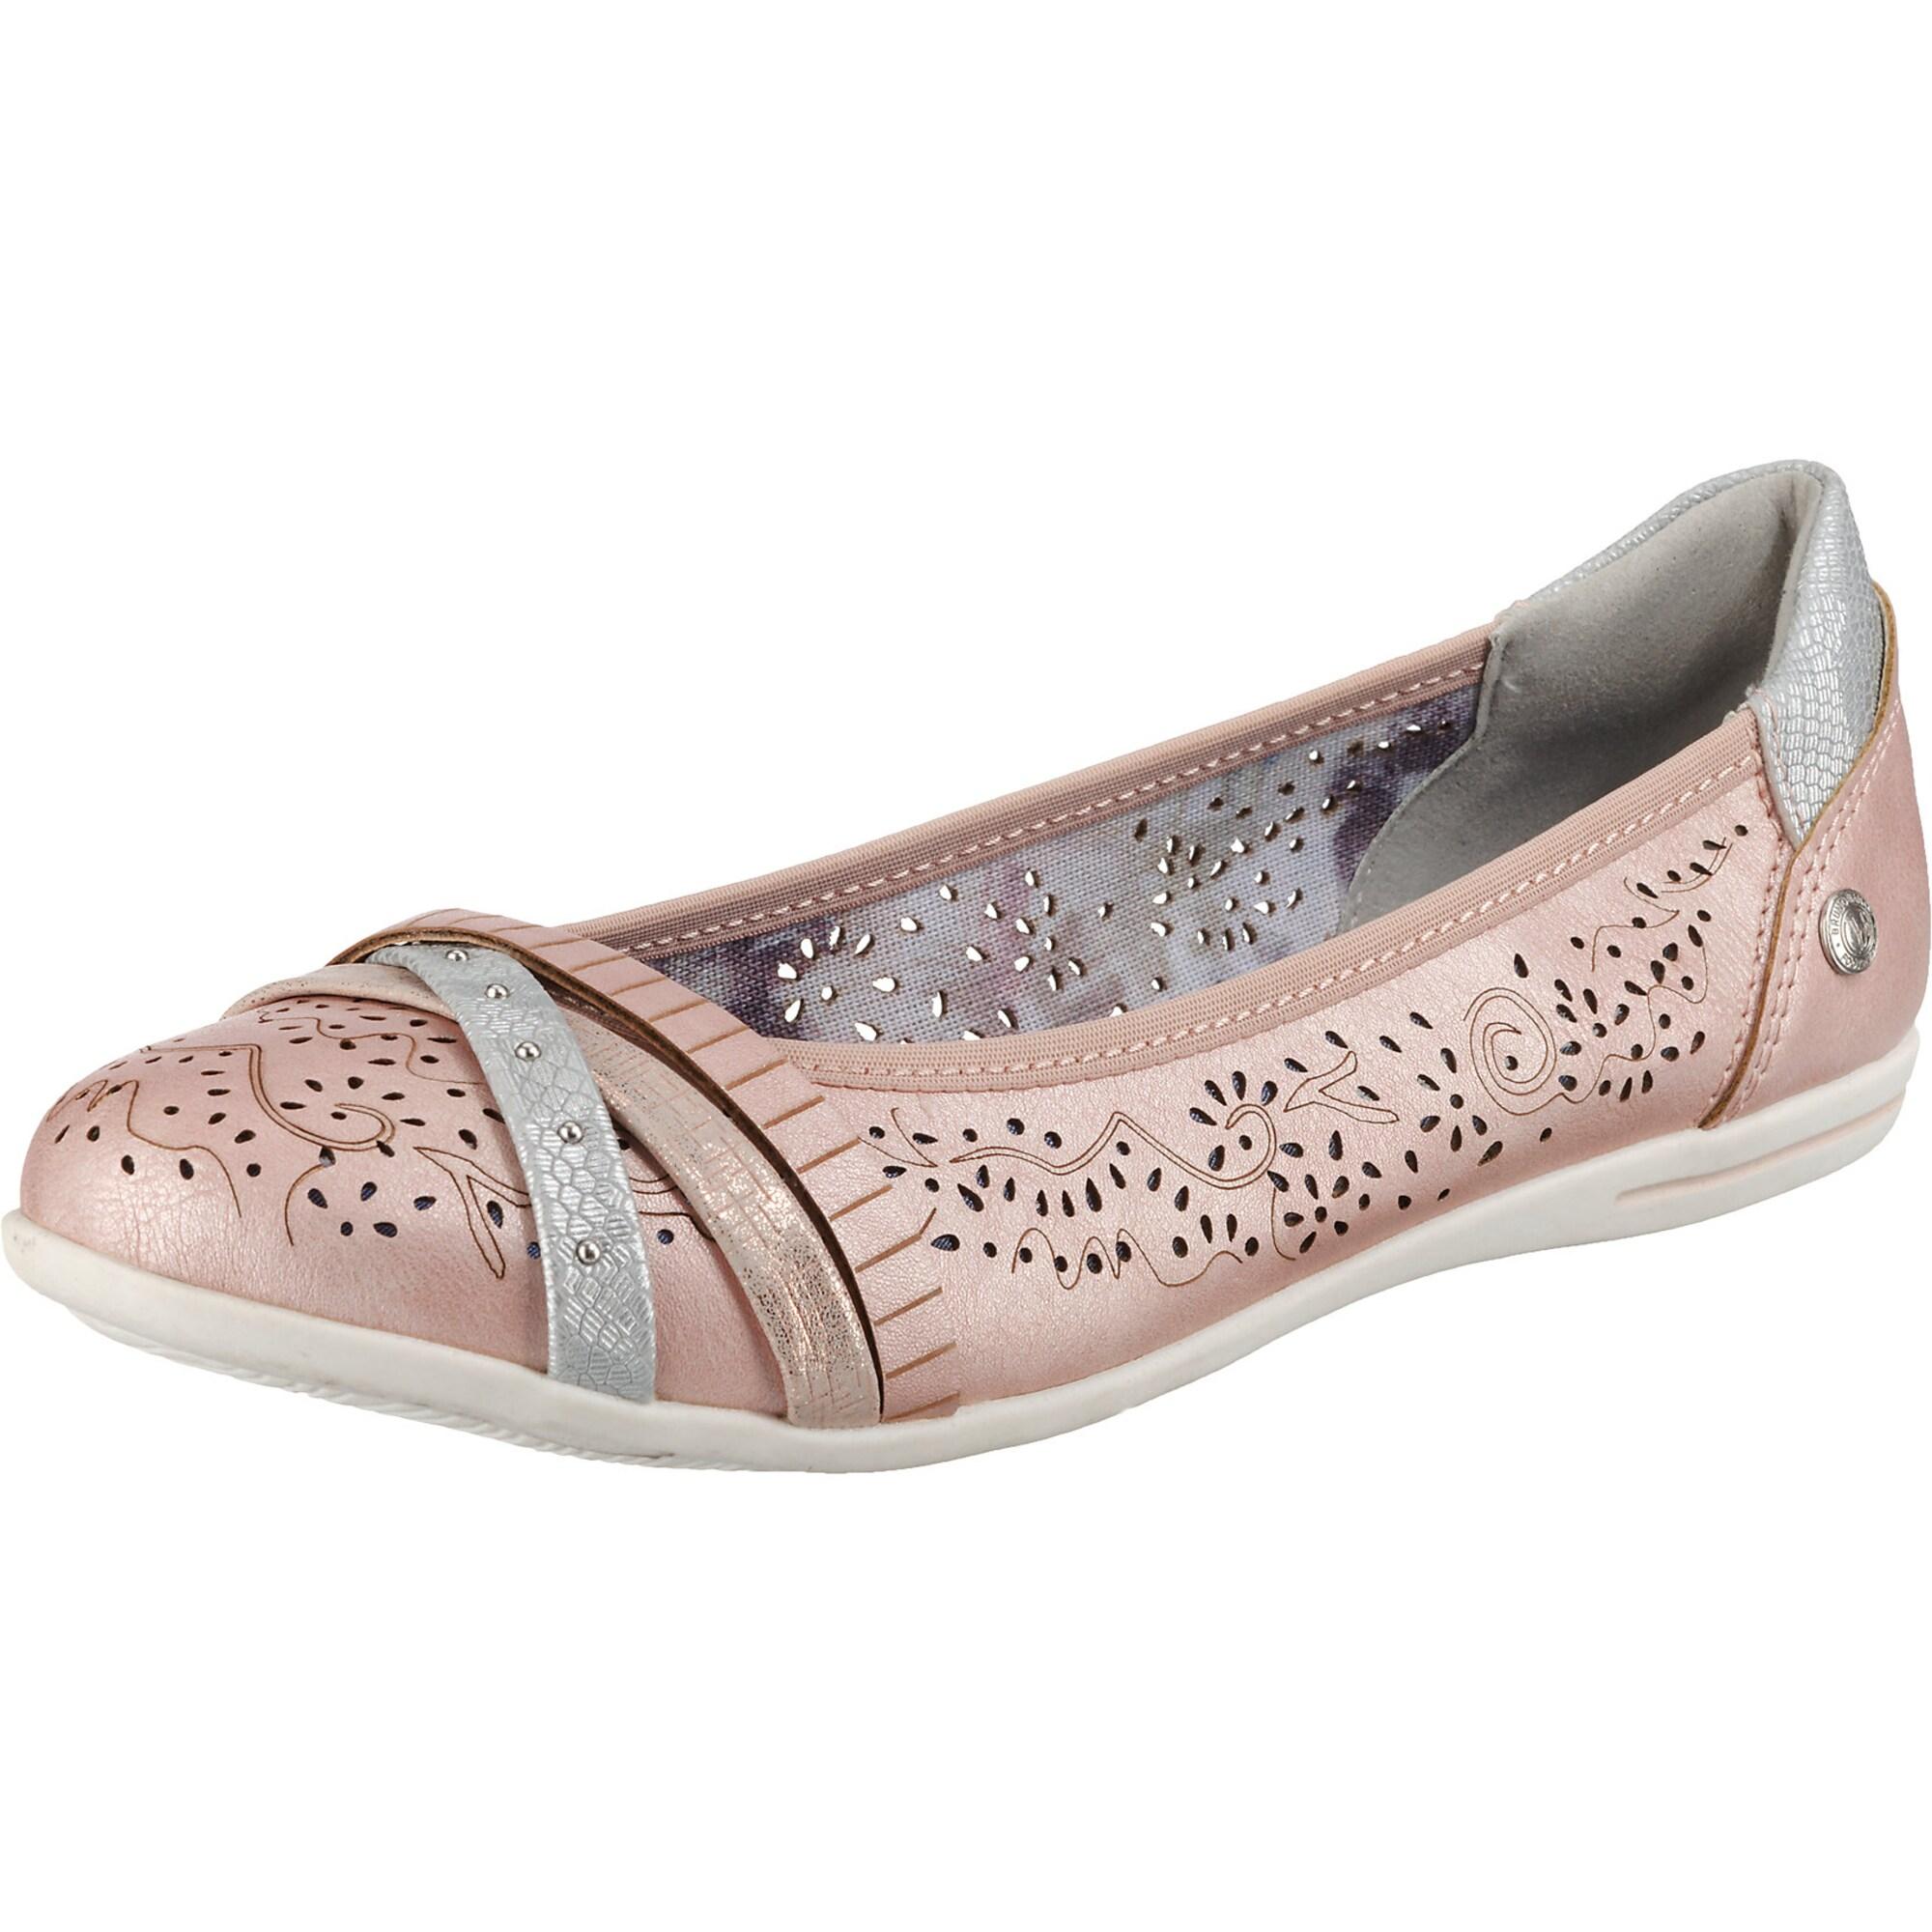 Ballerinas | Schuhe > Ballerinas | Silber | Bruno Banani